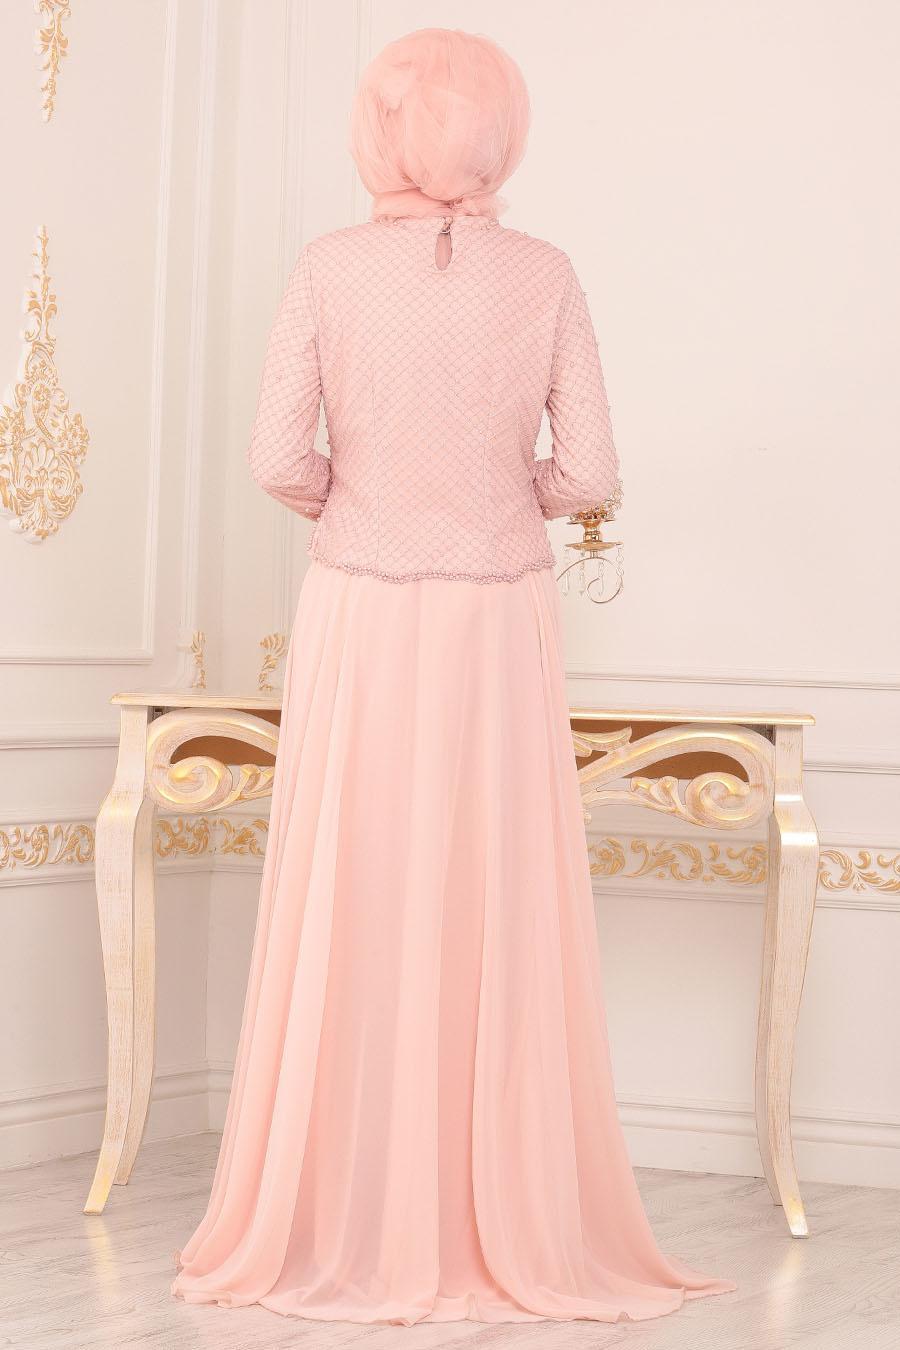 Tesettürlü Abiye Elbise - Boncuk Detaylı Pudra Tesettür Abiye Elbise 3126PD